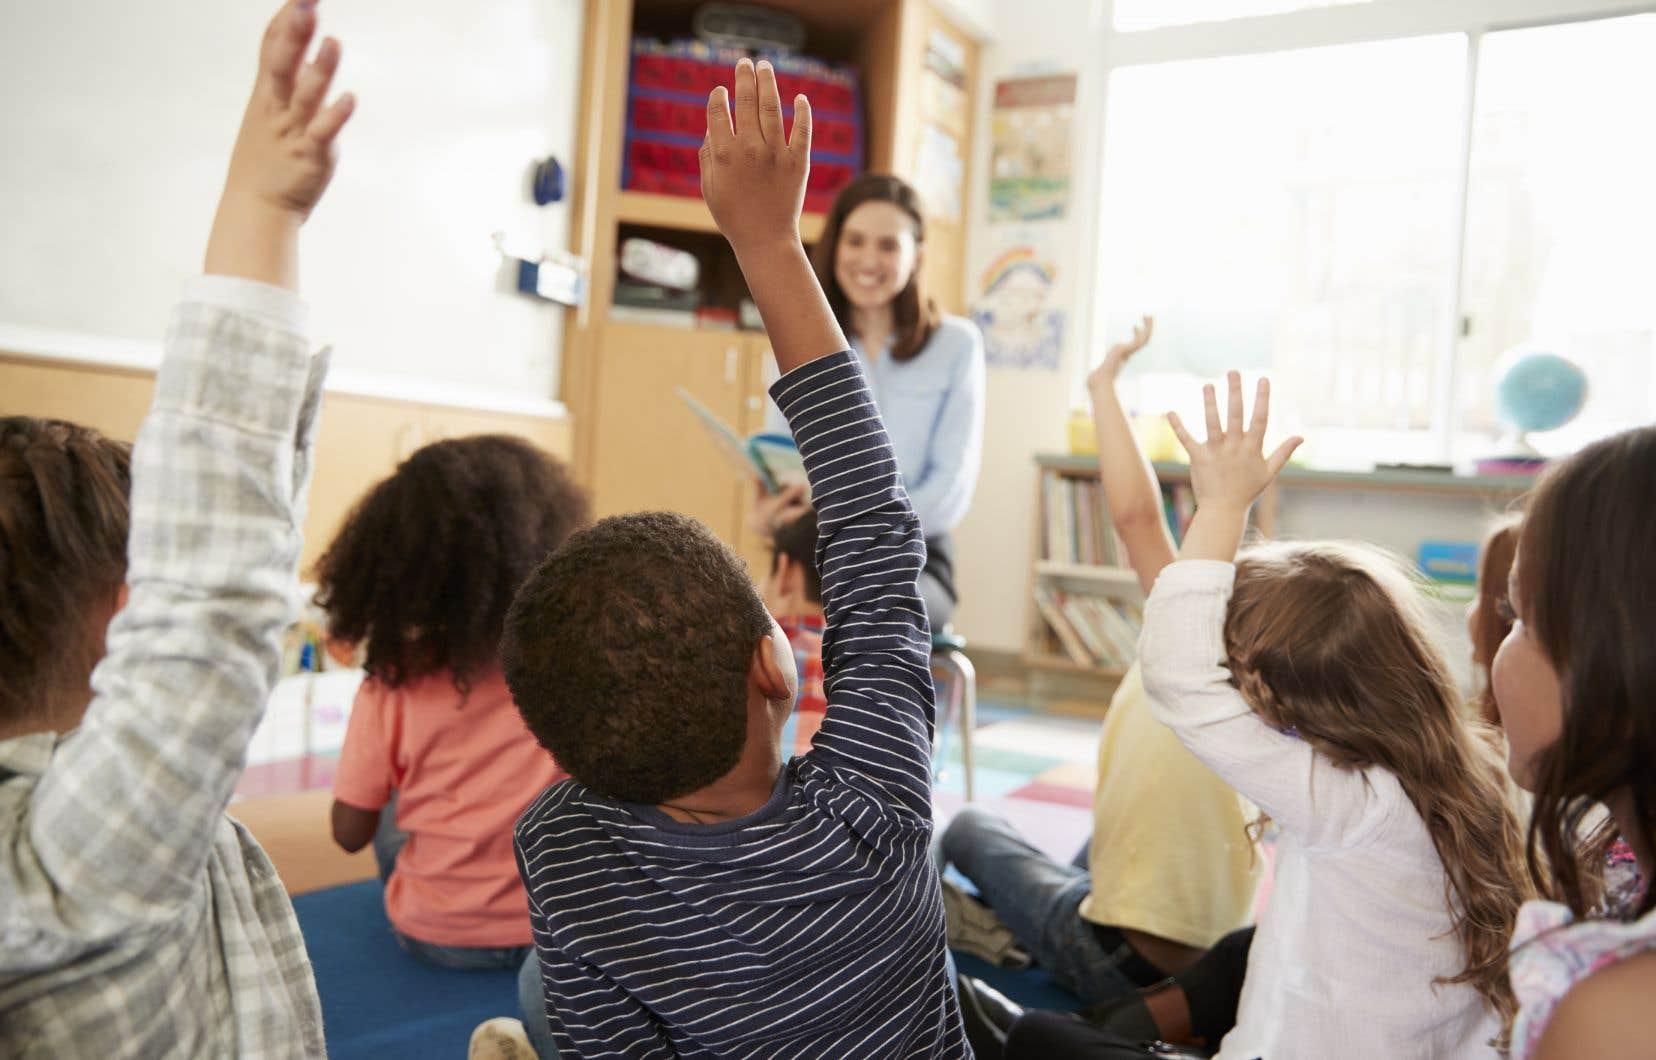 Entre 2011 et 2018, les écoles primaires du Québec ont accueilli 74 000 enfants de plus.